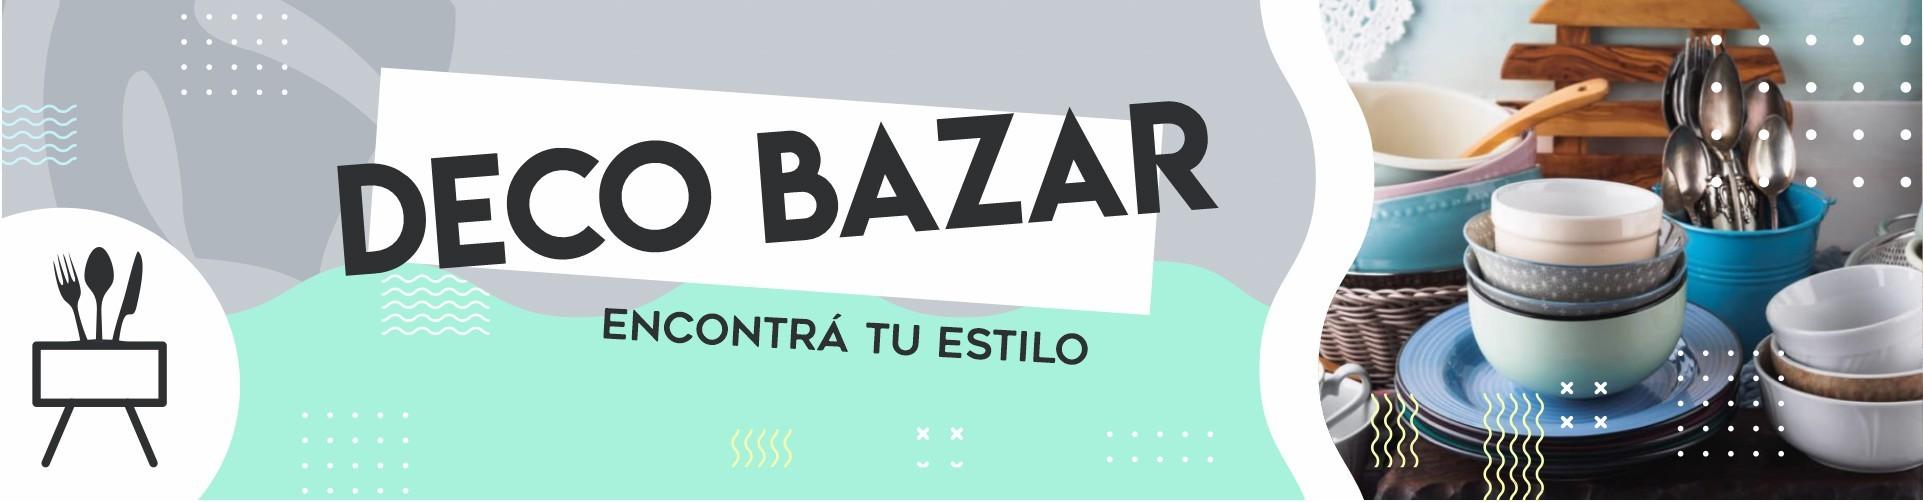 Deco Bazar Encontra tu Estilo